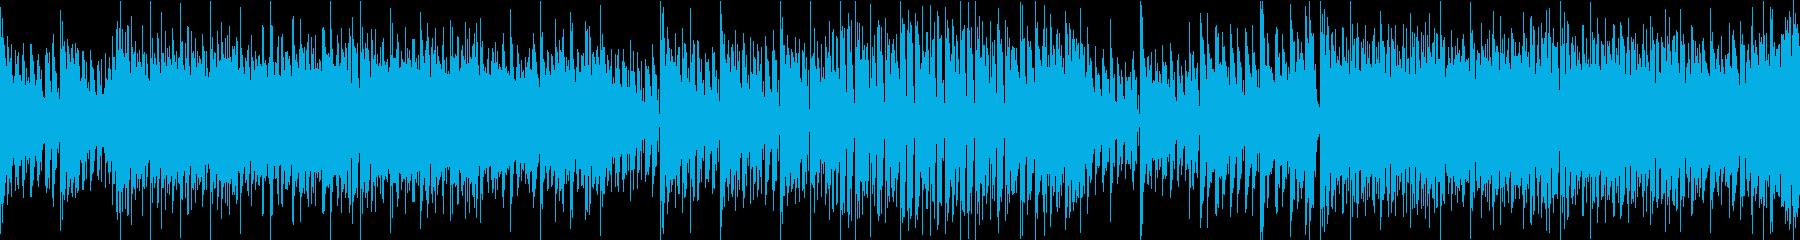 近未来のSF戦闘曲/浮遊感/ループ可の再生済みの波形